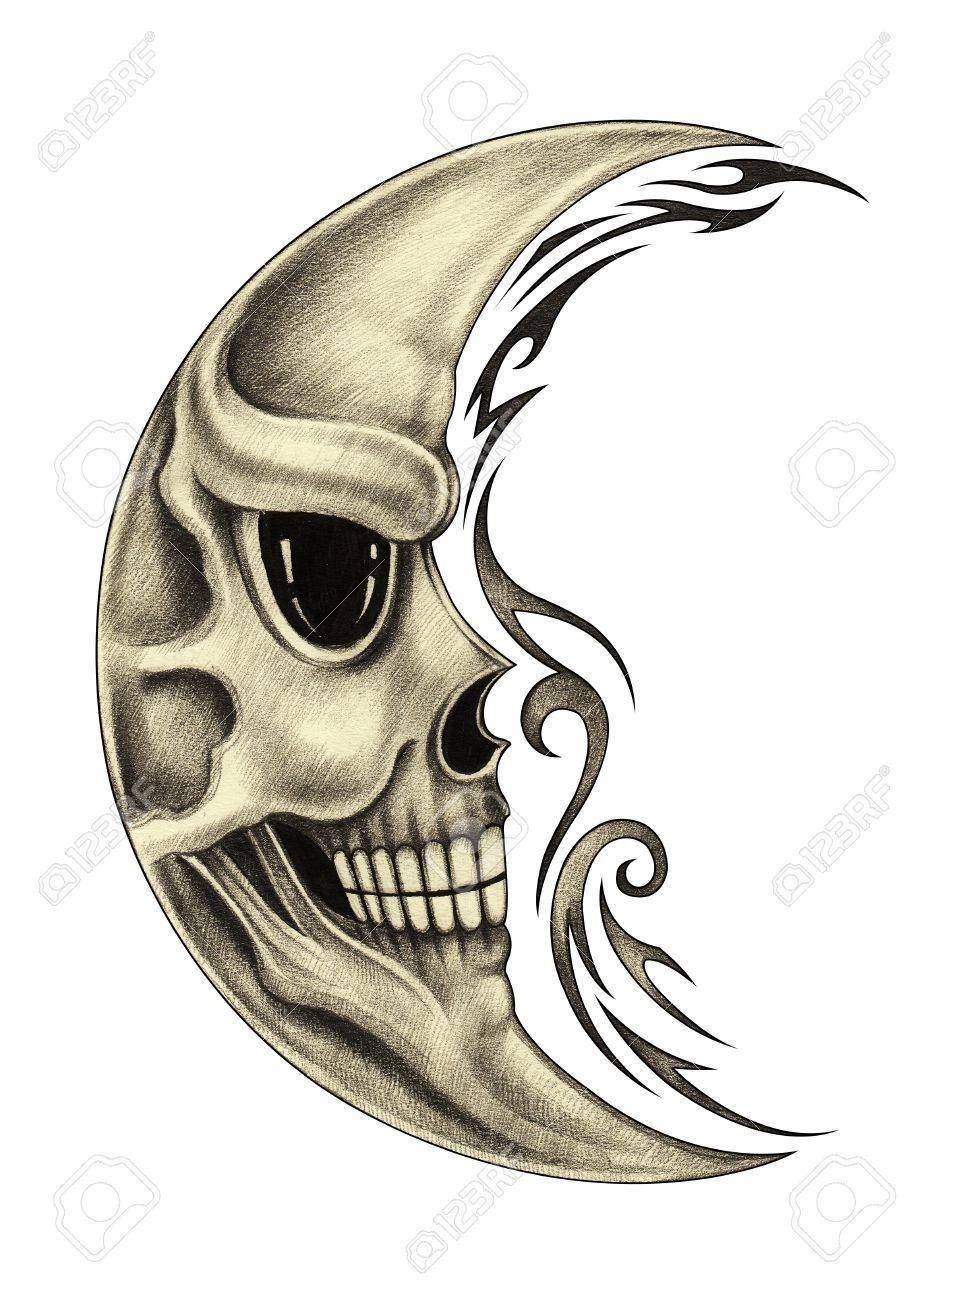 967x1300 Skull Moon Tattoo.art Design Skull Moon Smiley Face For Tattoo